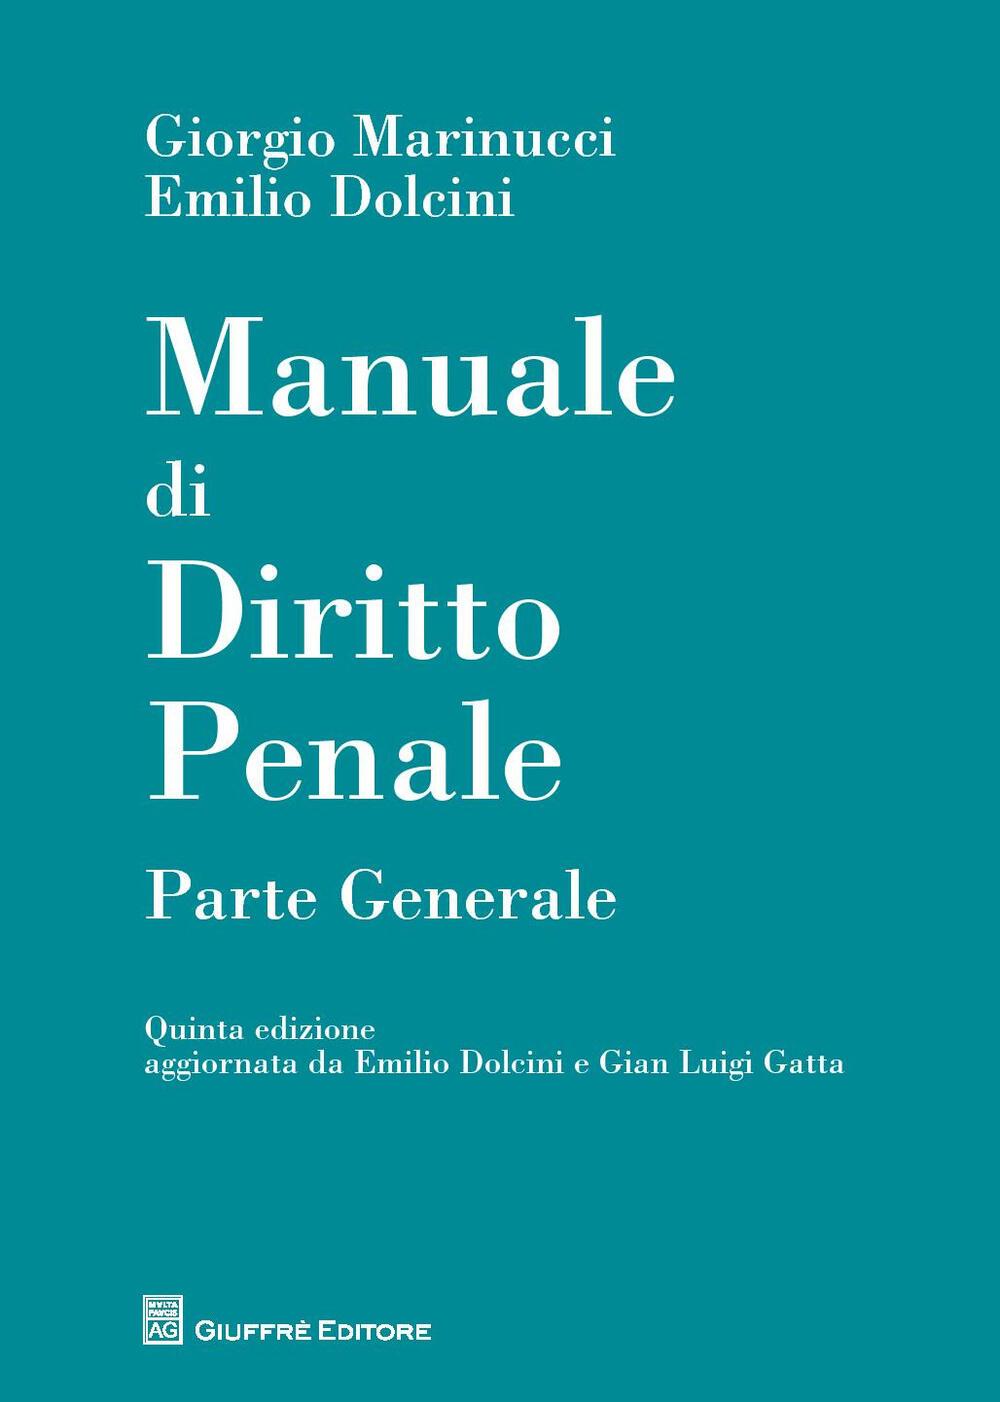 manuale di diritto penale parte generale giorgio marinucci rh ibs it manuale diritto penale simone manuale diritto penale mantovani